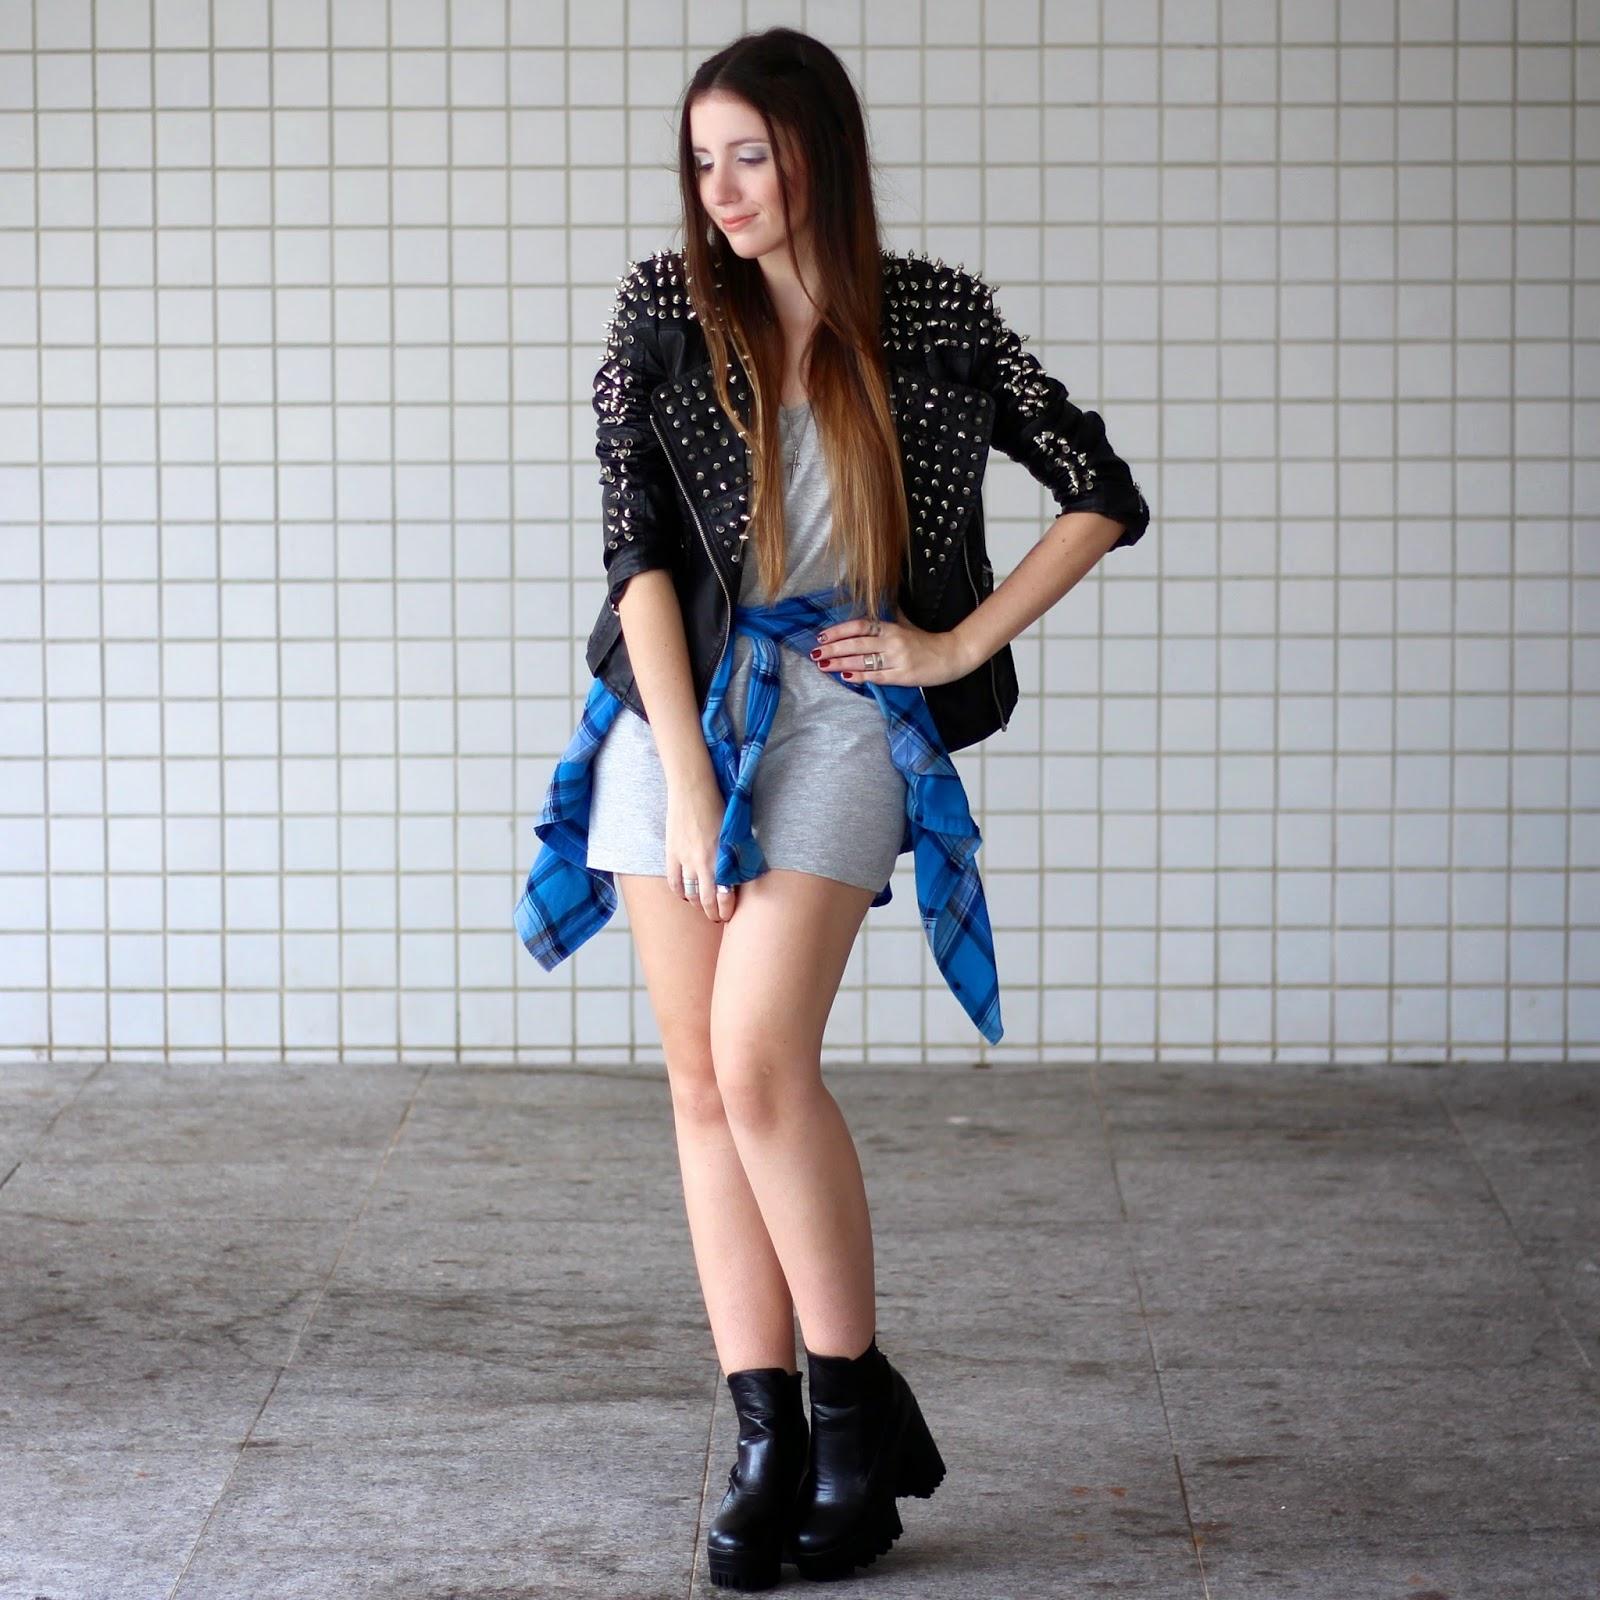 jaqueta com spikes